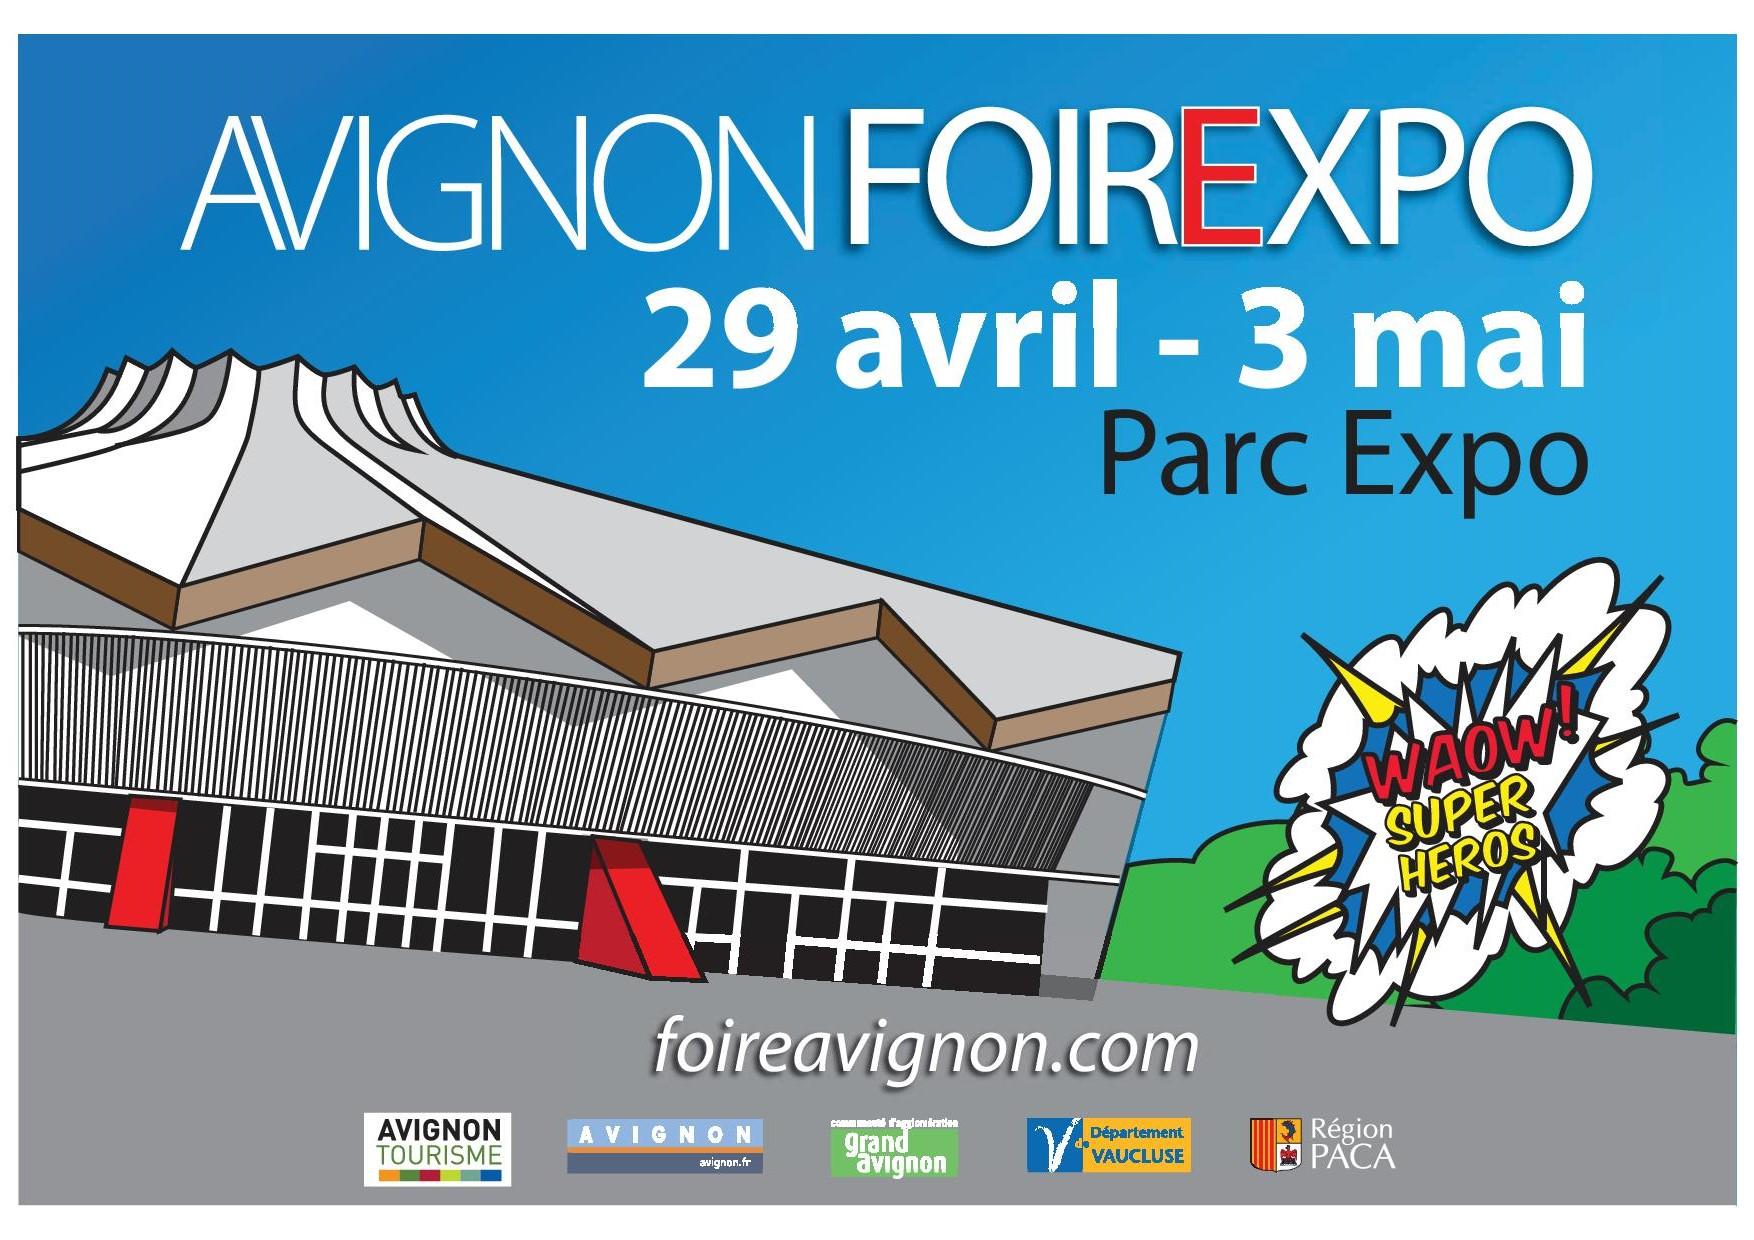 Foirexpo-avignon-2015